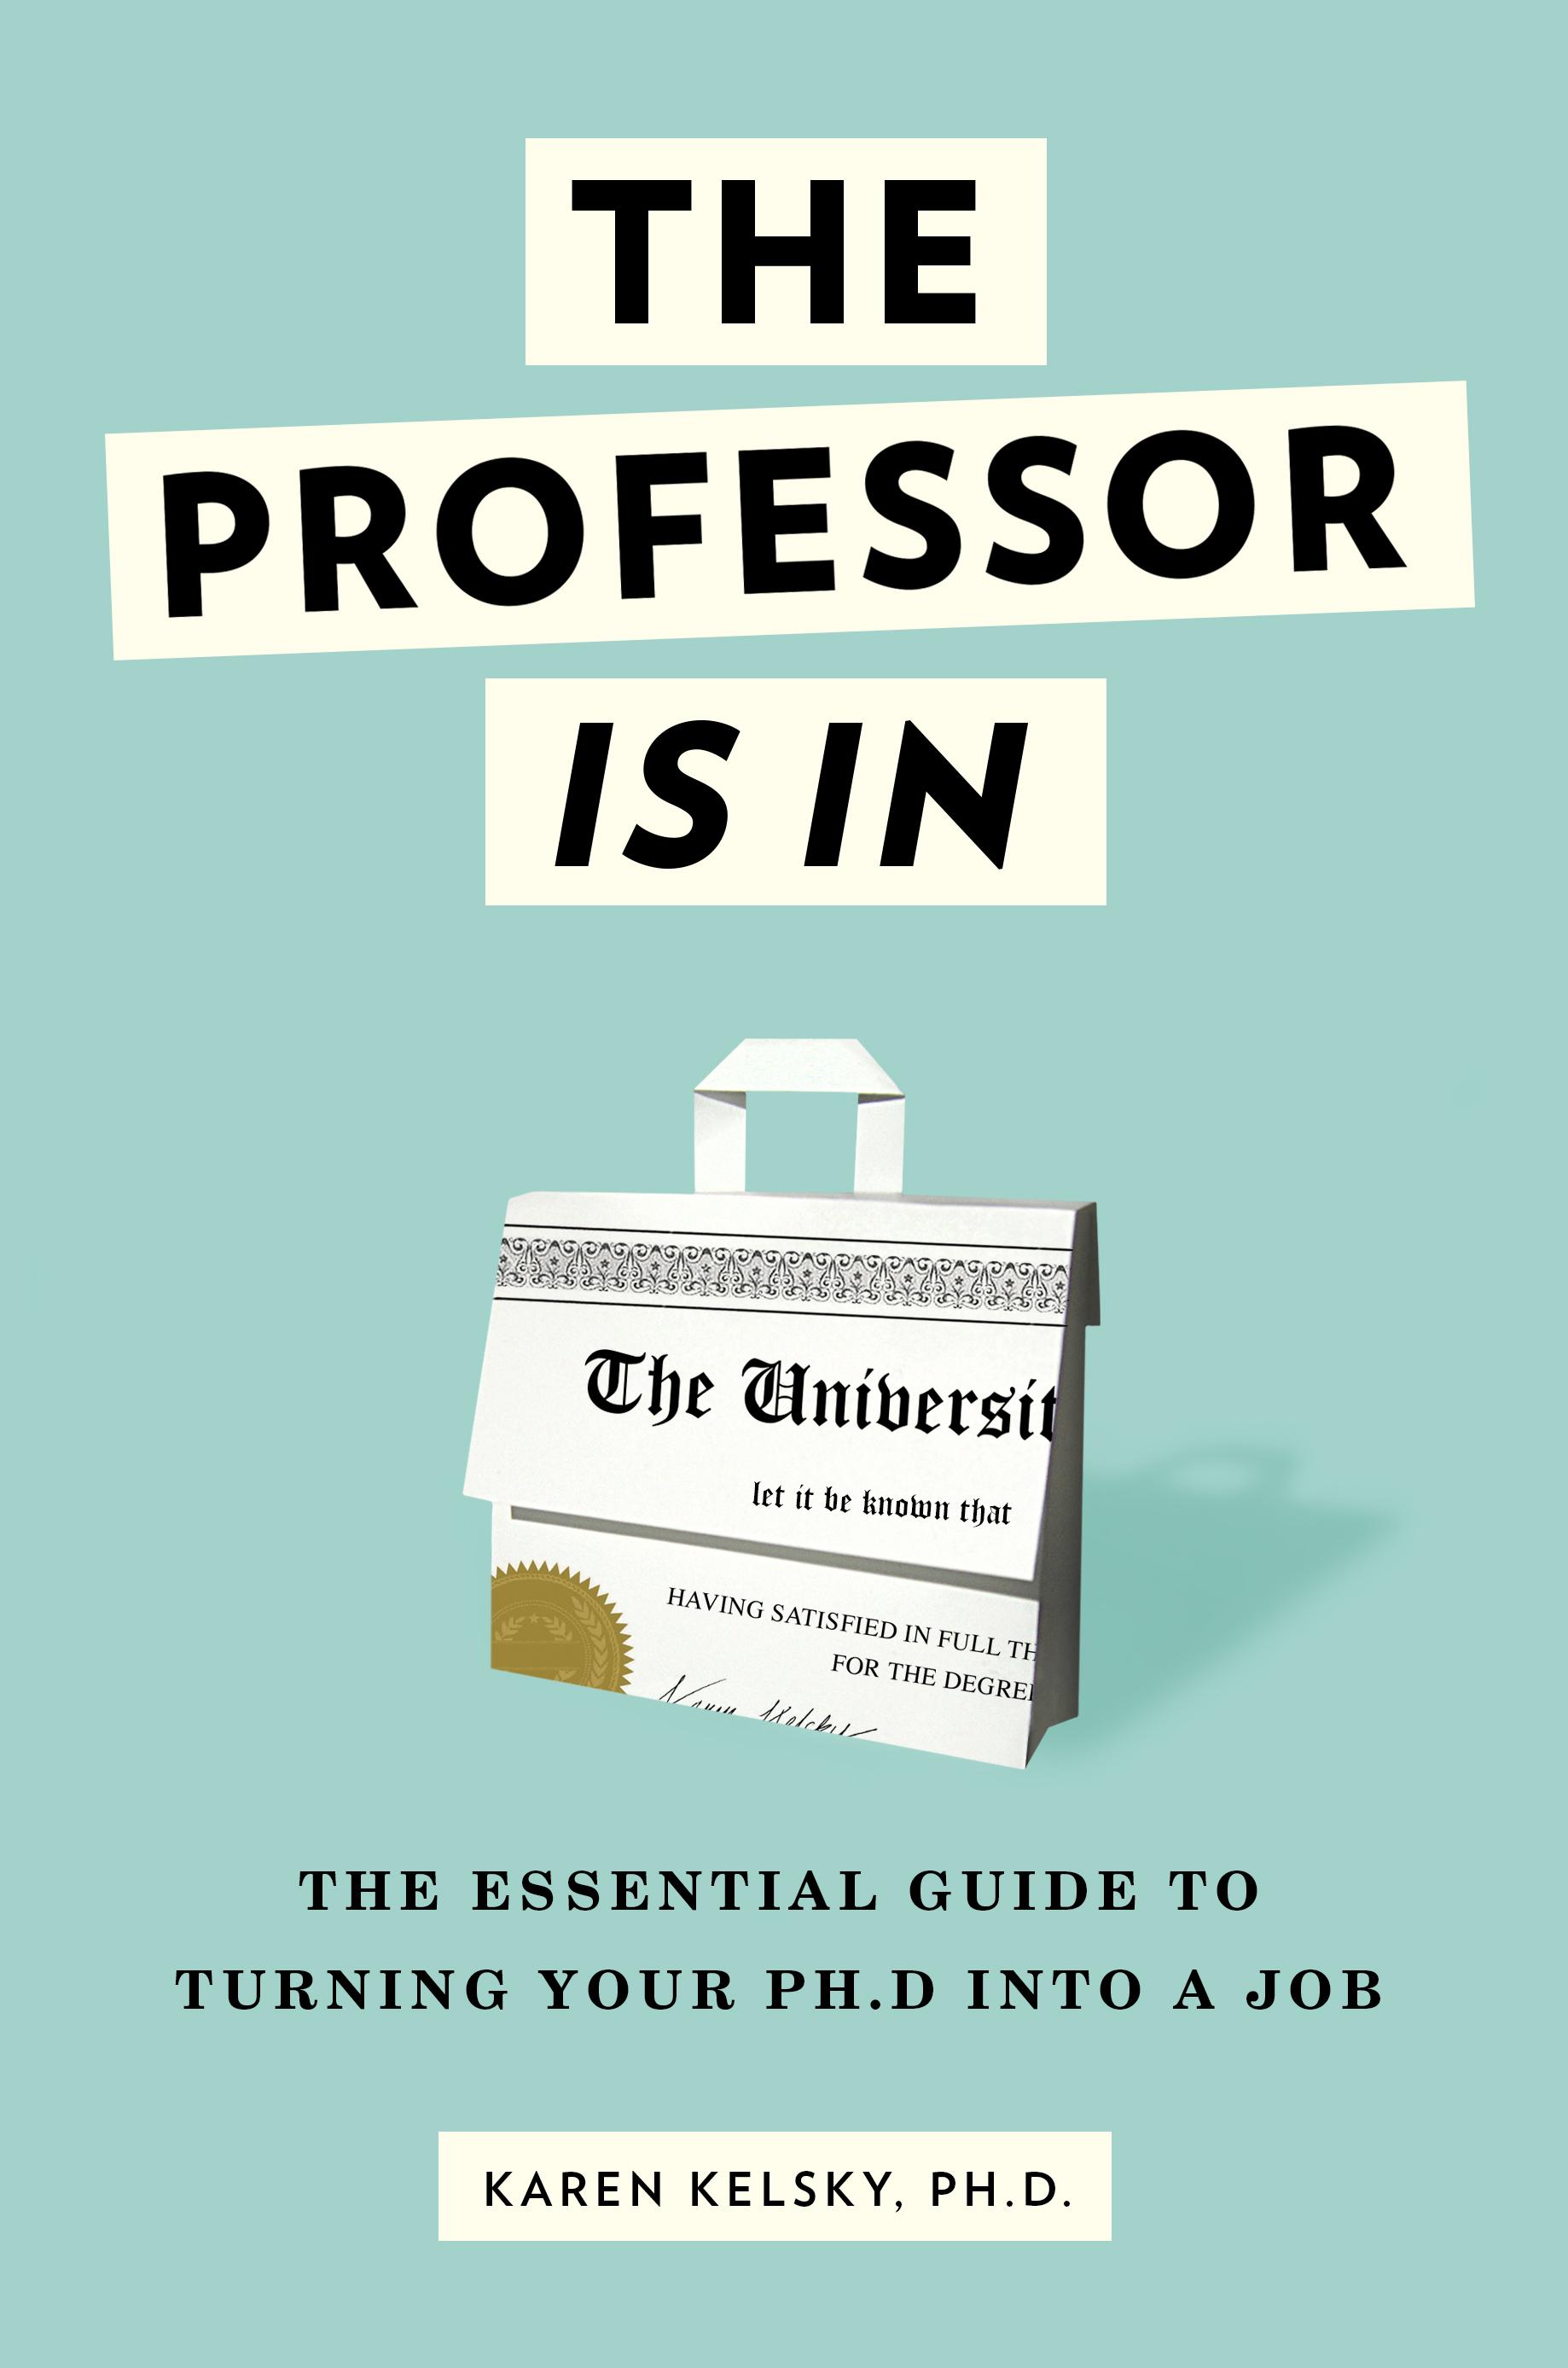 The_Professor_Is_In2.jpg